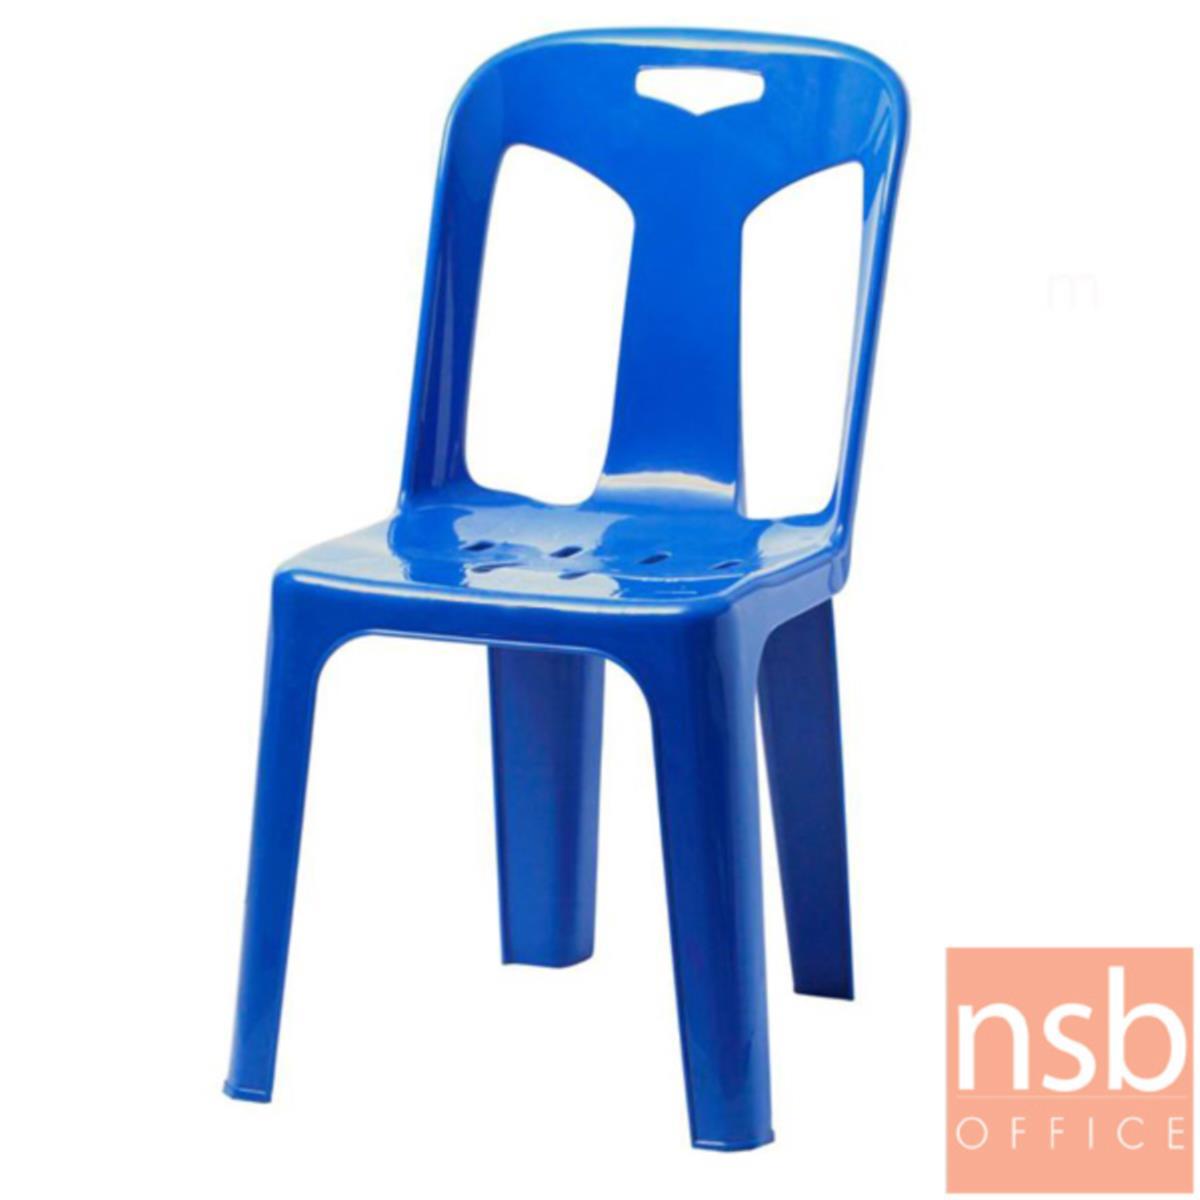 B10A087:เก้าอี้พลาสติก รุ่น Linnea (ลินนี่) ซ้อนเก็บได้ (พลาสติกเกรด A)